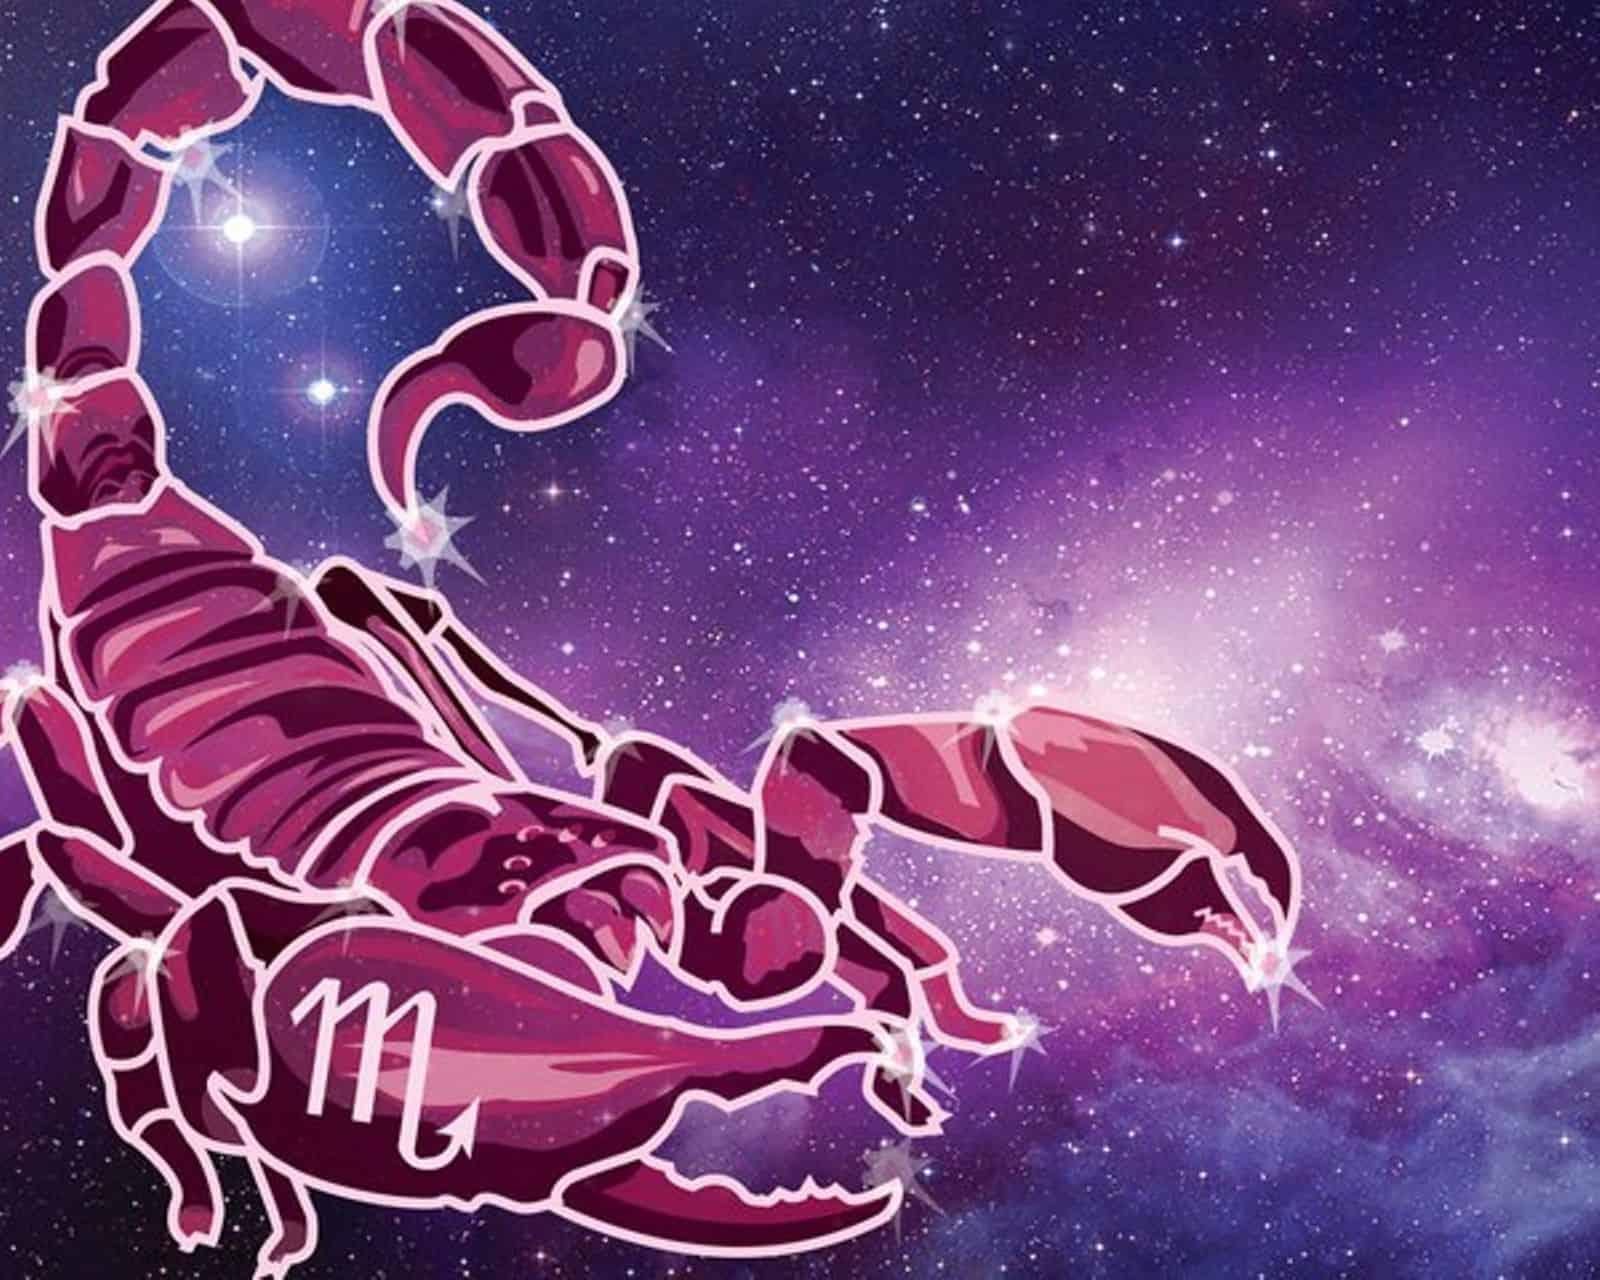 Гороскоп для Скорпиона наСентябрь 2019 года - деньги, карьера ибизнес